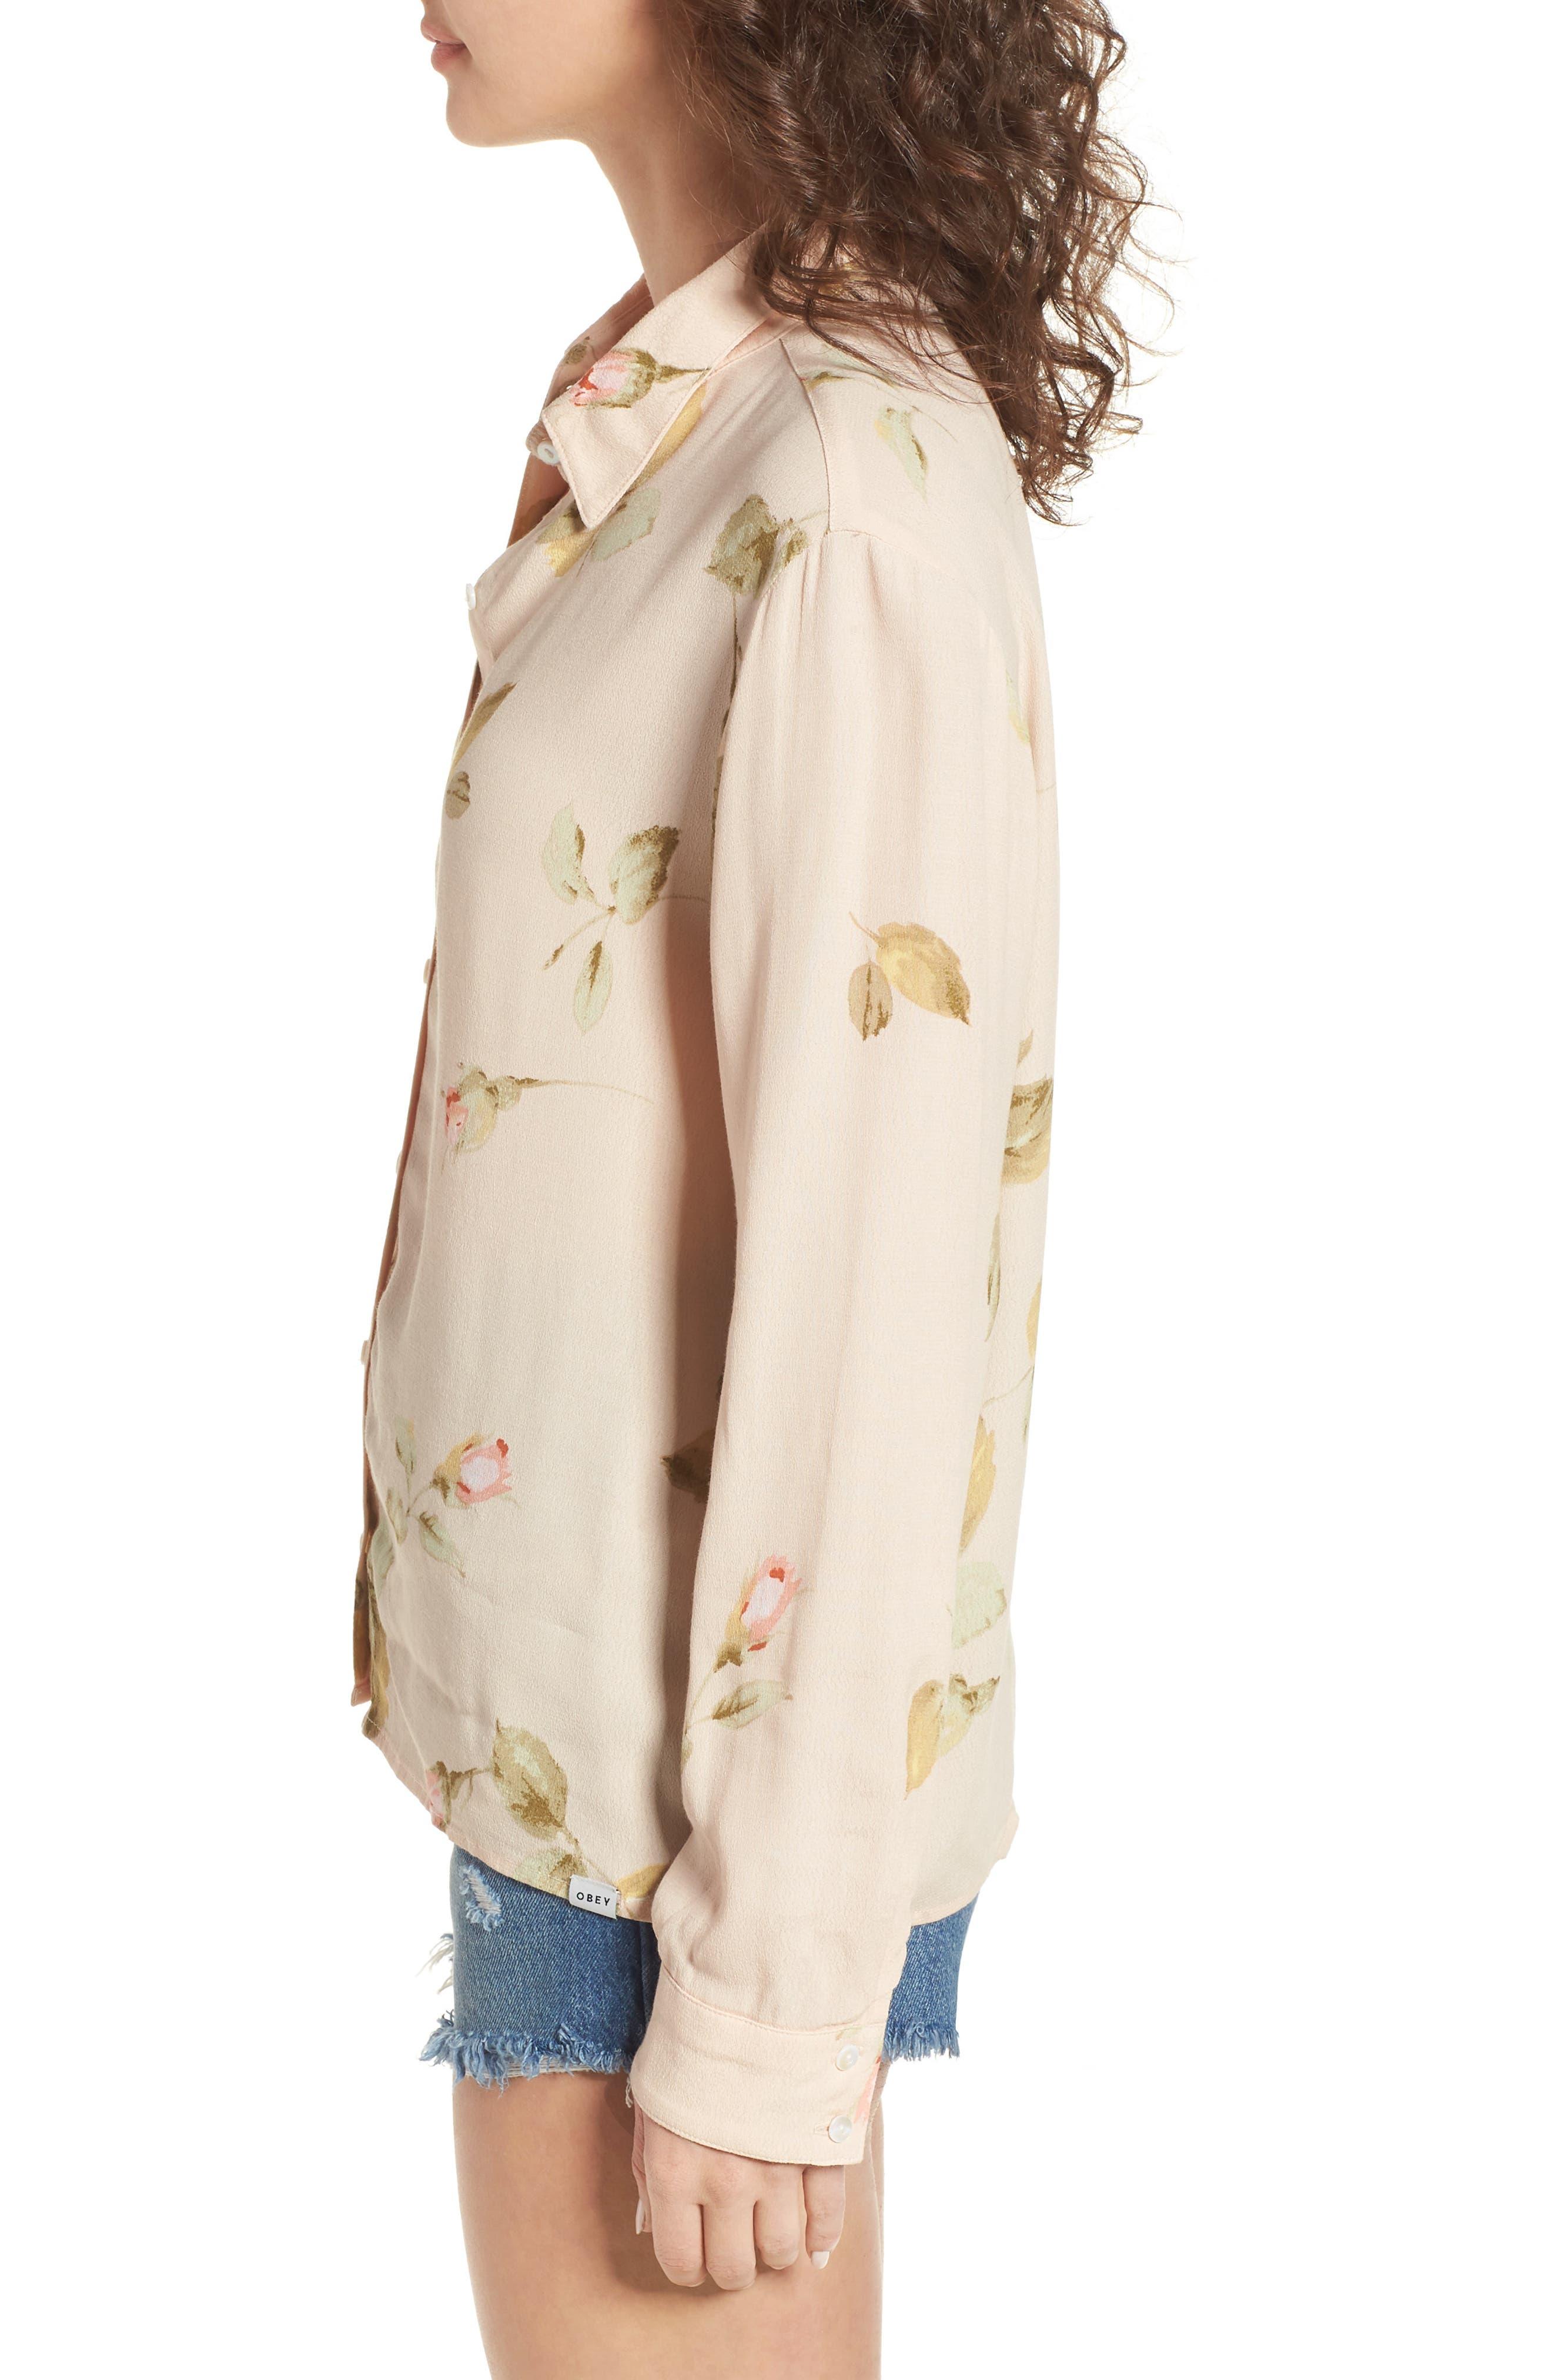 Sinclair Floral Print Shirt,                             Alternate thumbnail 3, color,                             250